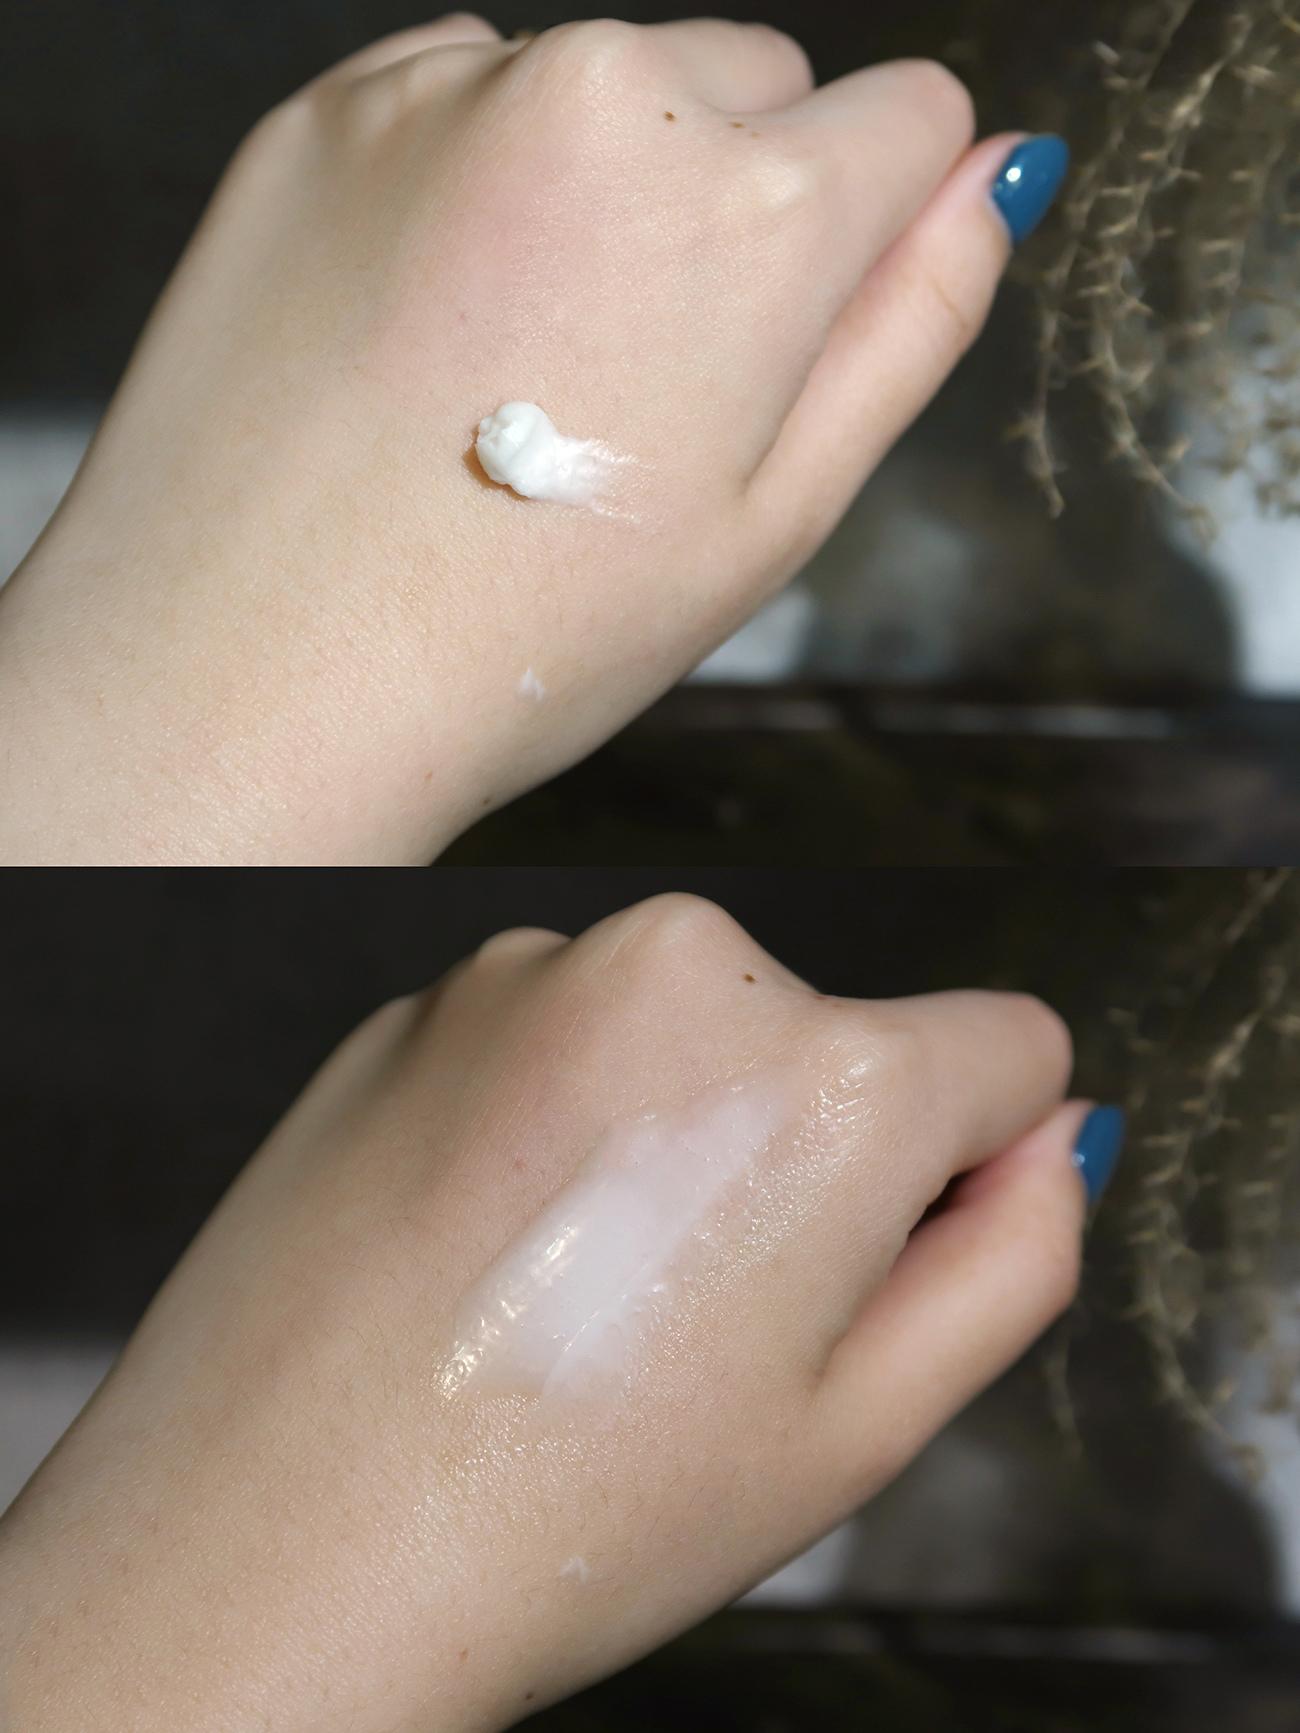 韓國nokdu發酵綠豆系列 保濕深層潔面乳 氧氣微米泡泡面膜 使用心得 (4).JPG